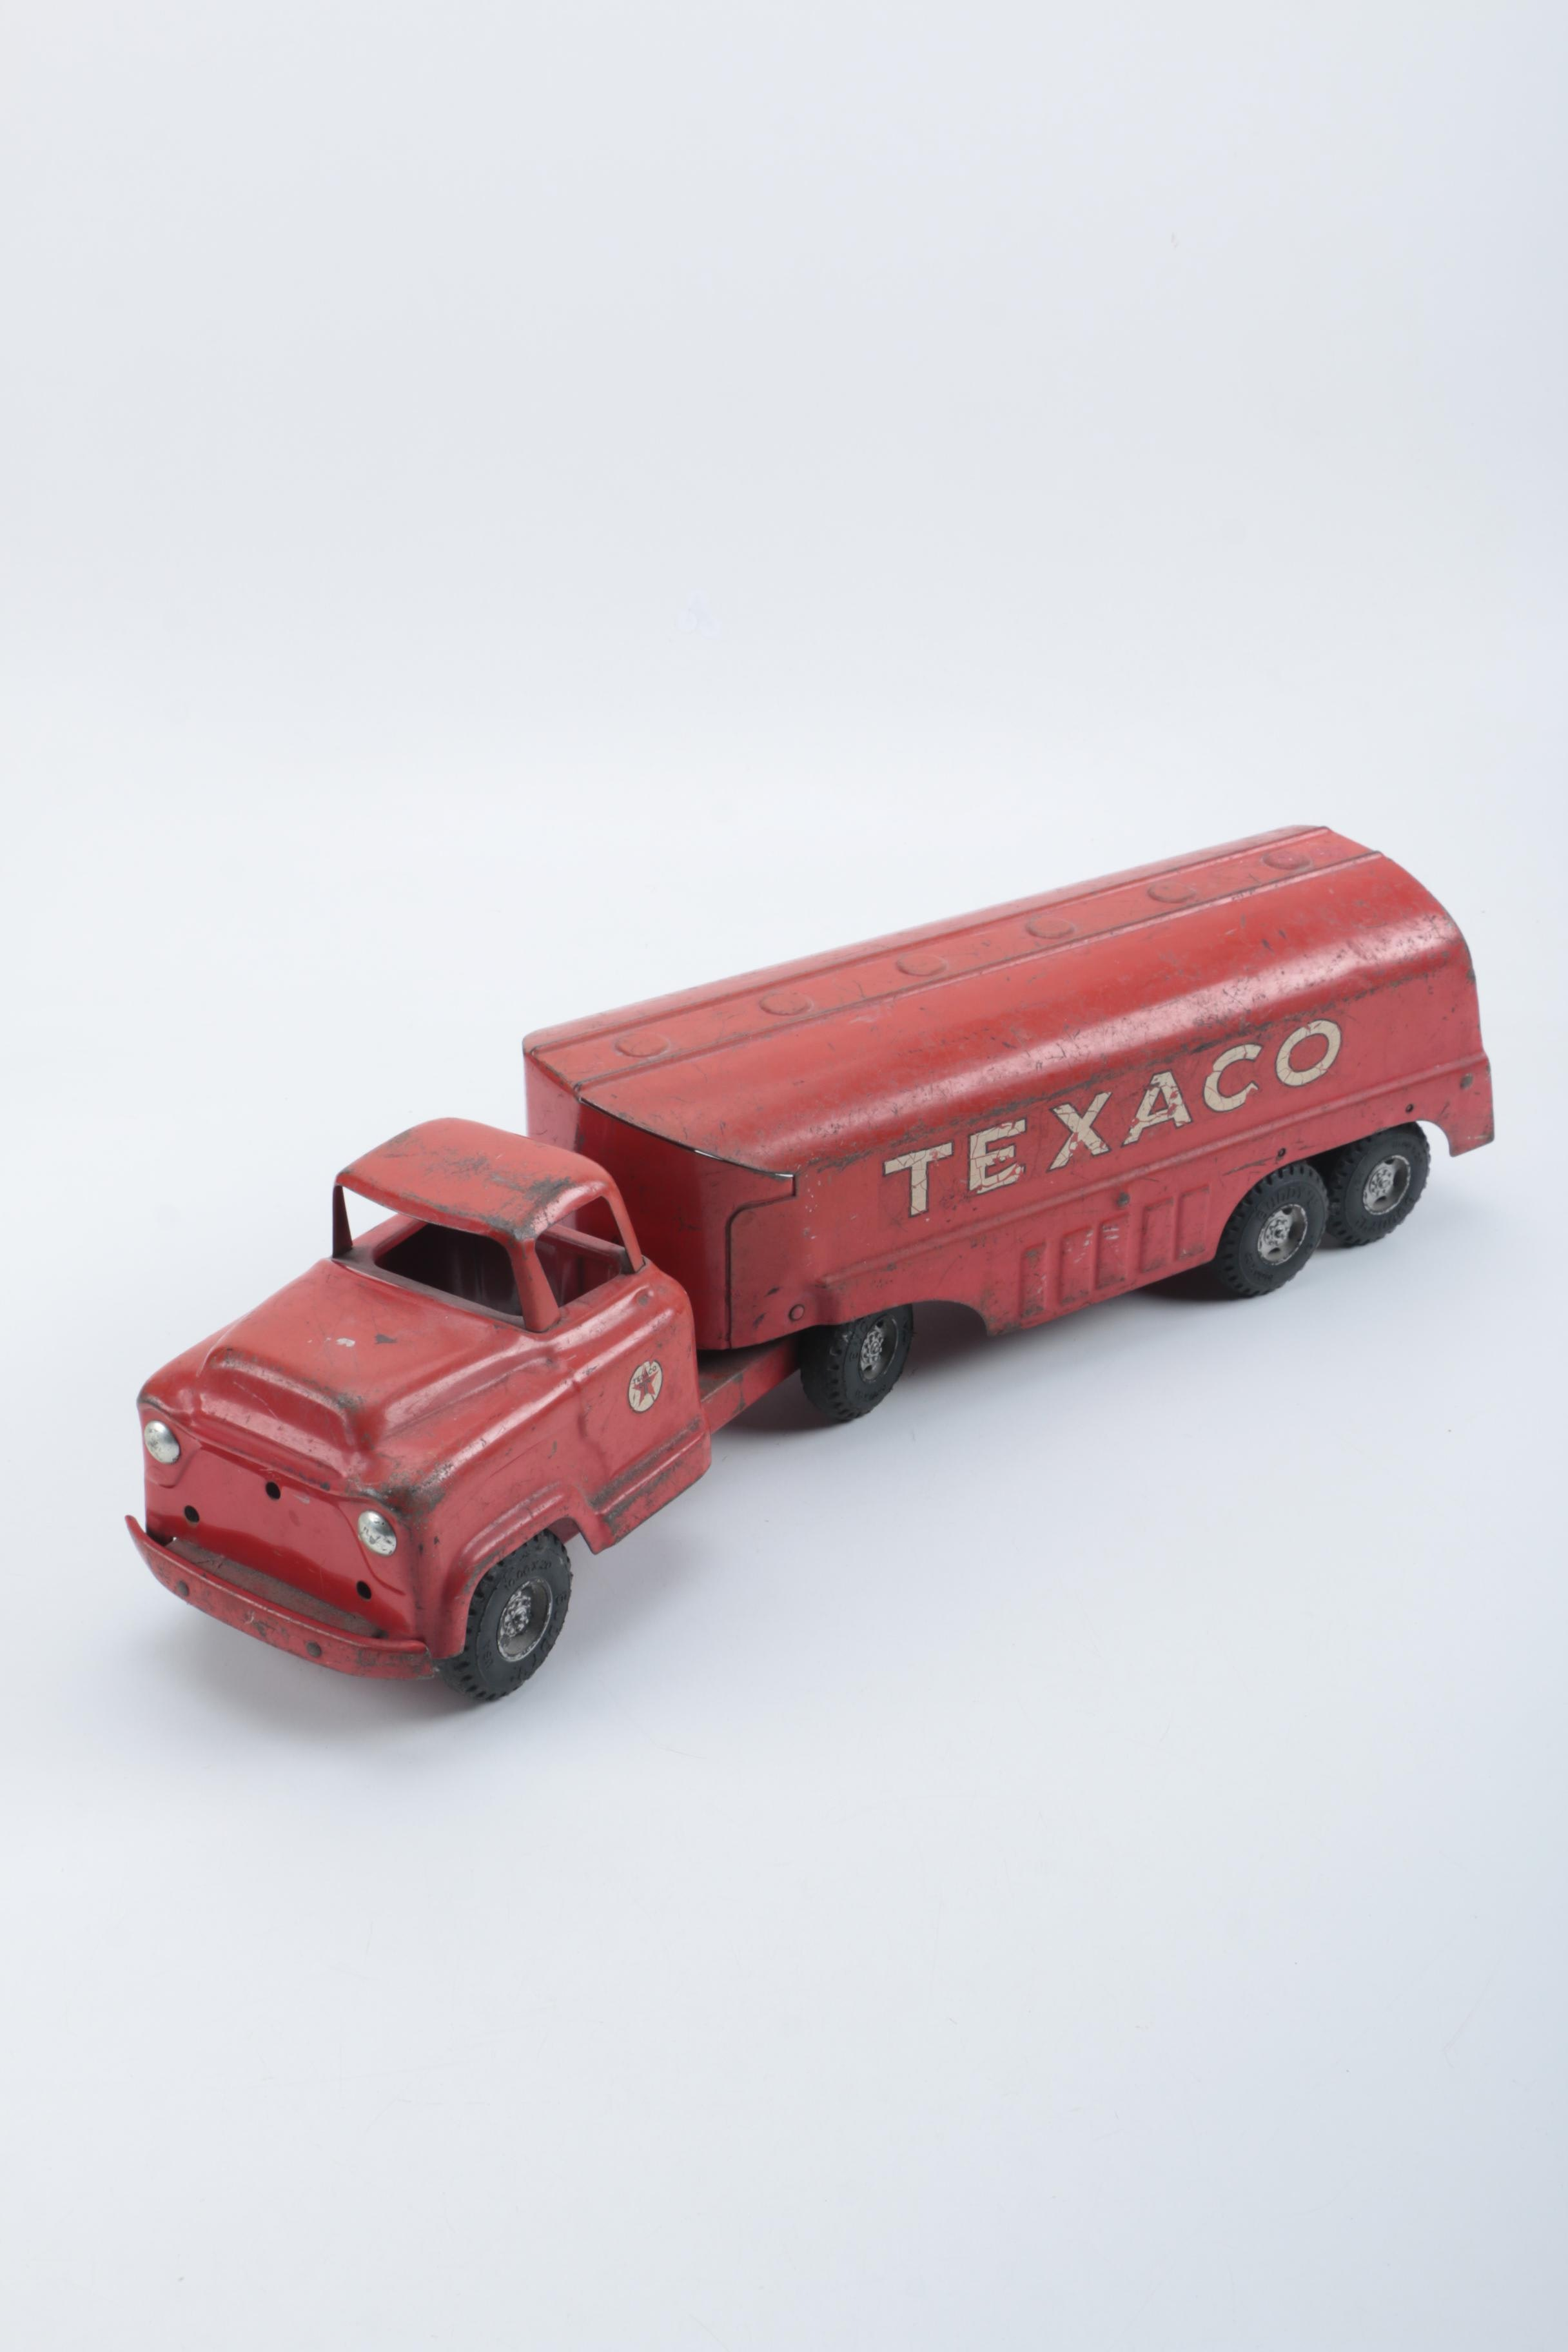 1950s Pressed Steel Buddy L. Texaco Tanker Truck